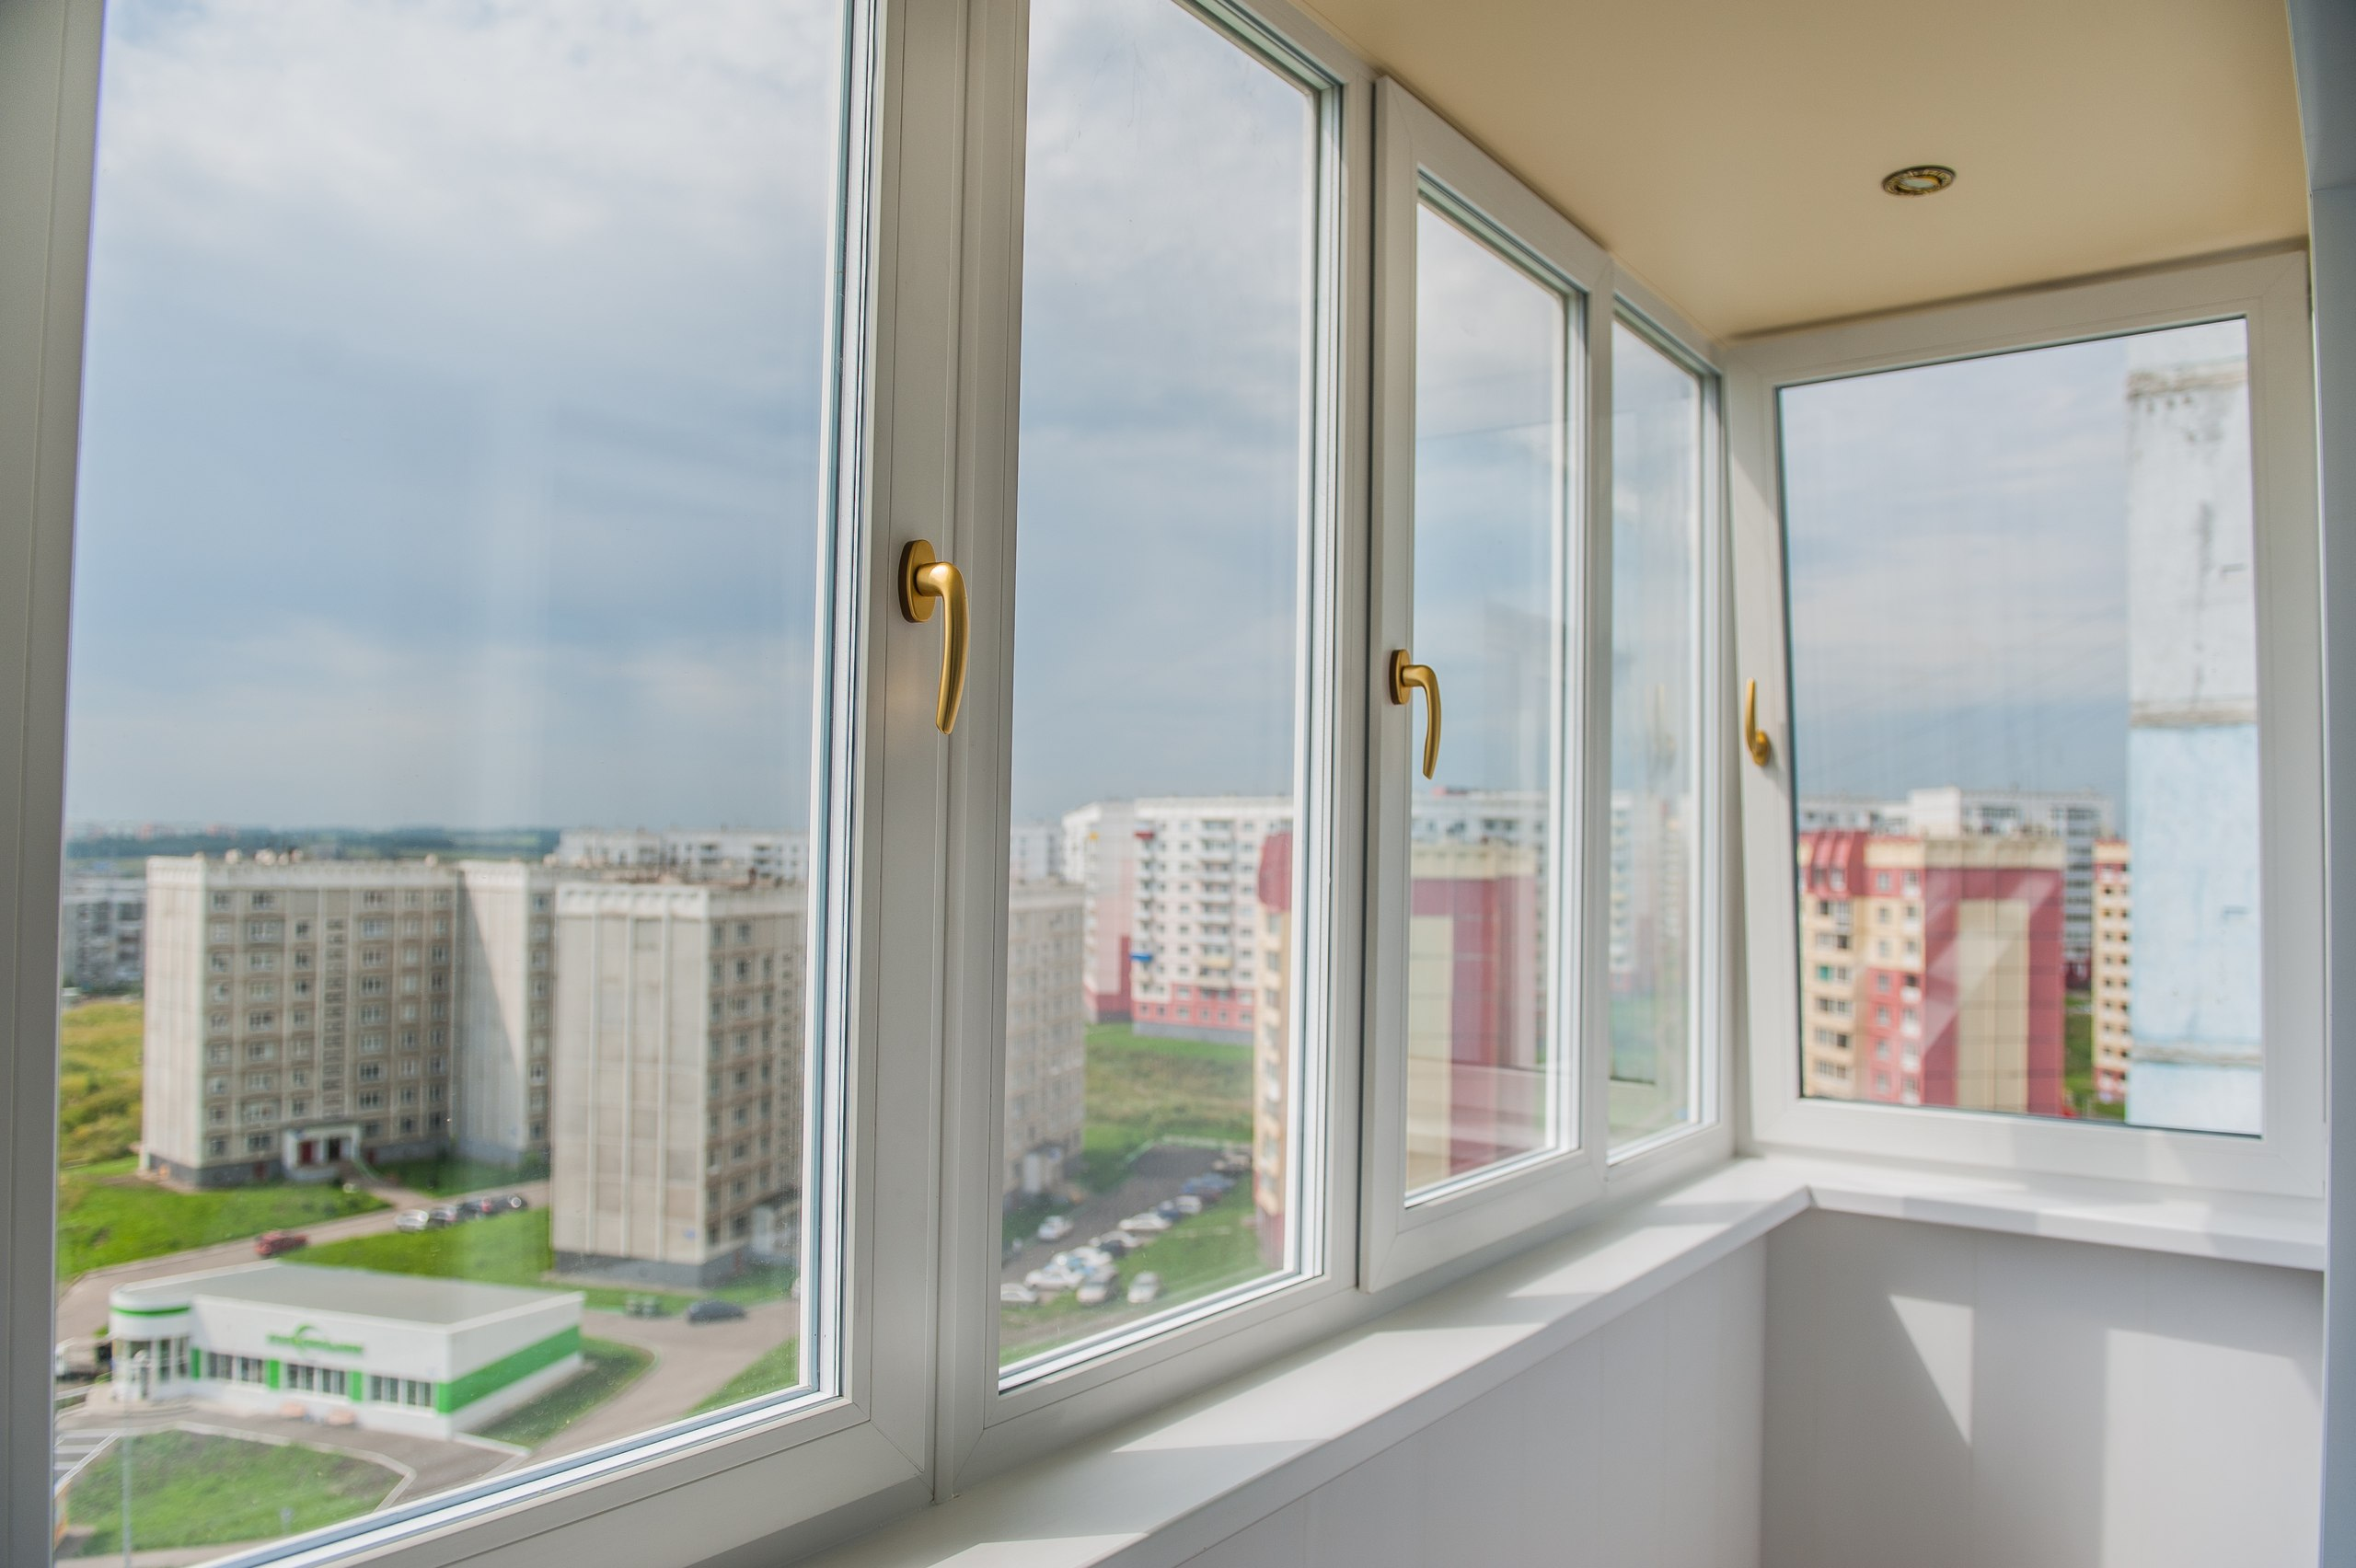 Остекление балконов и лоджий альфа-пласт.рф - саратов, энгел.